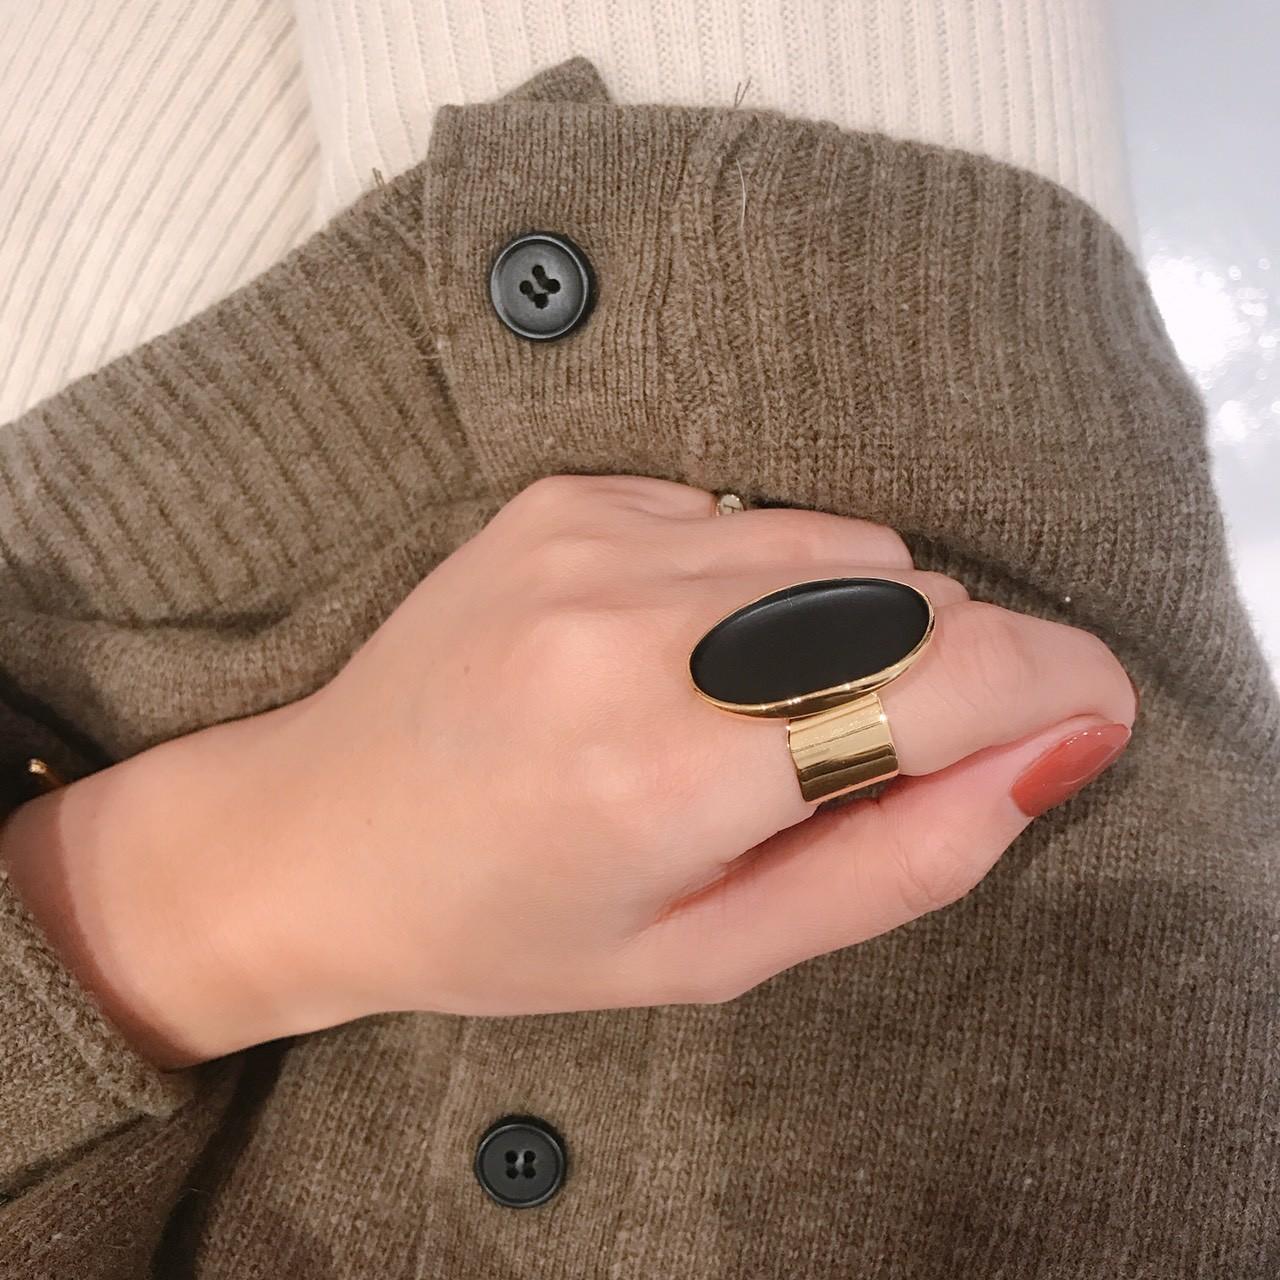 Bend Metal Ring